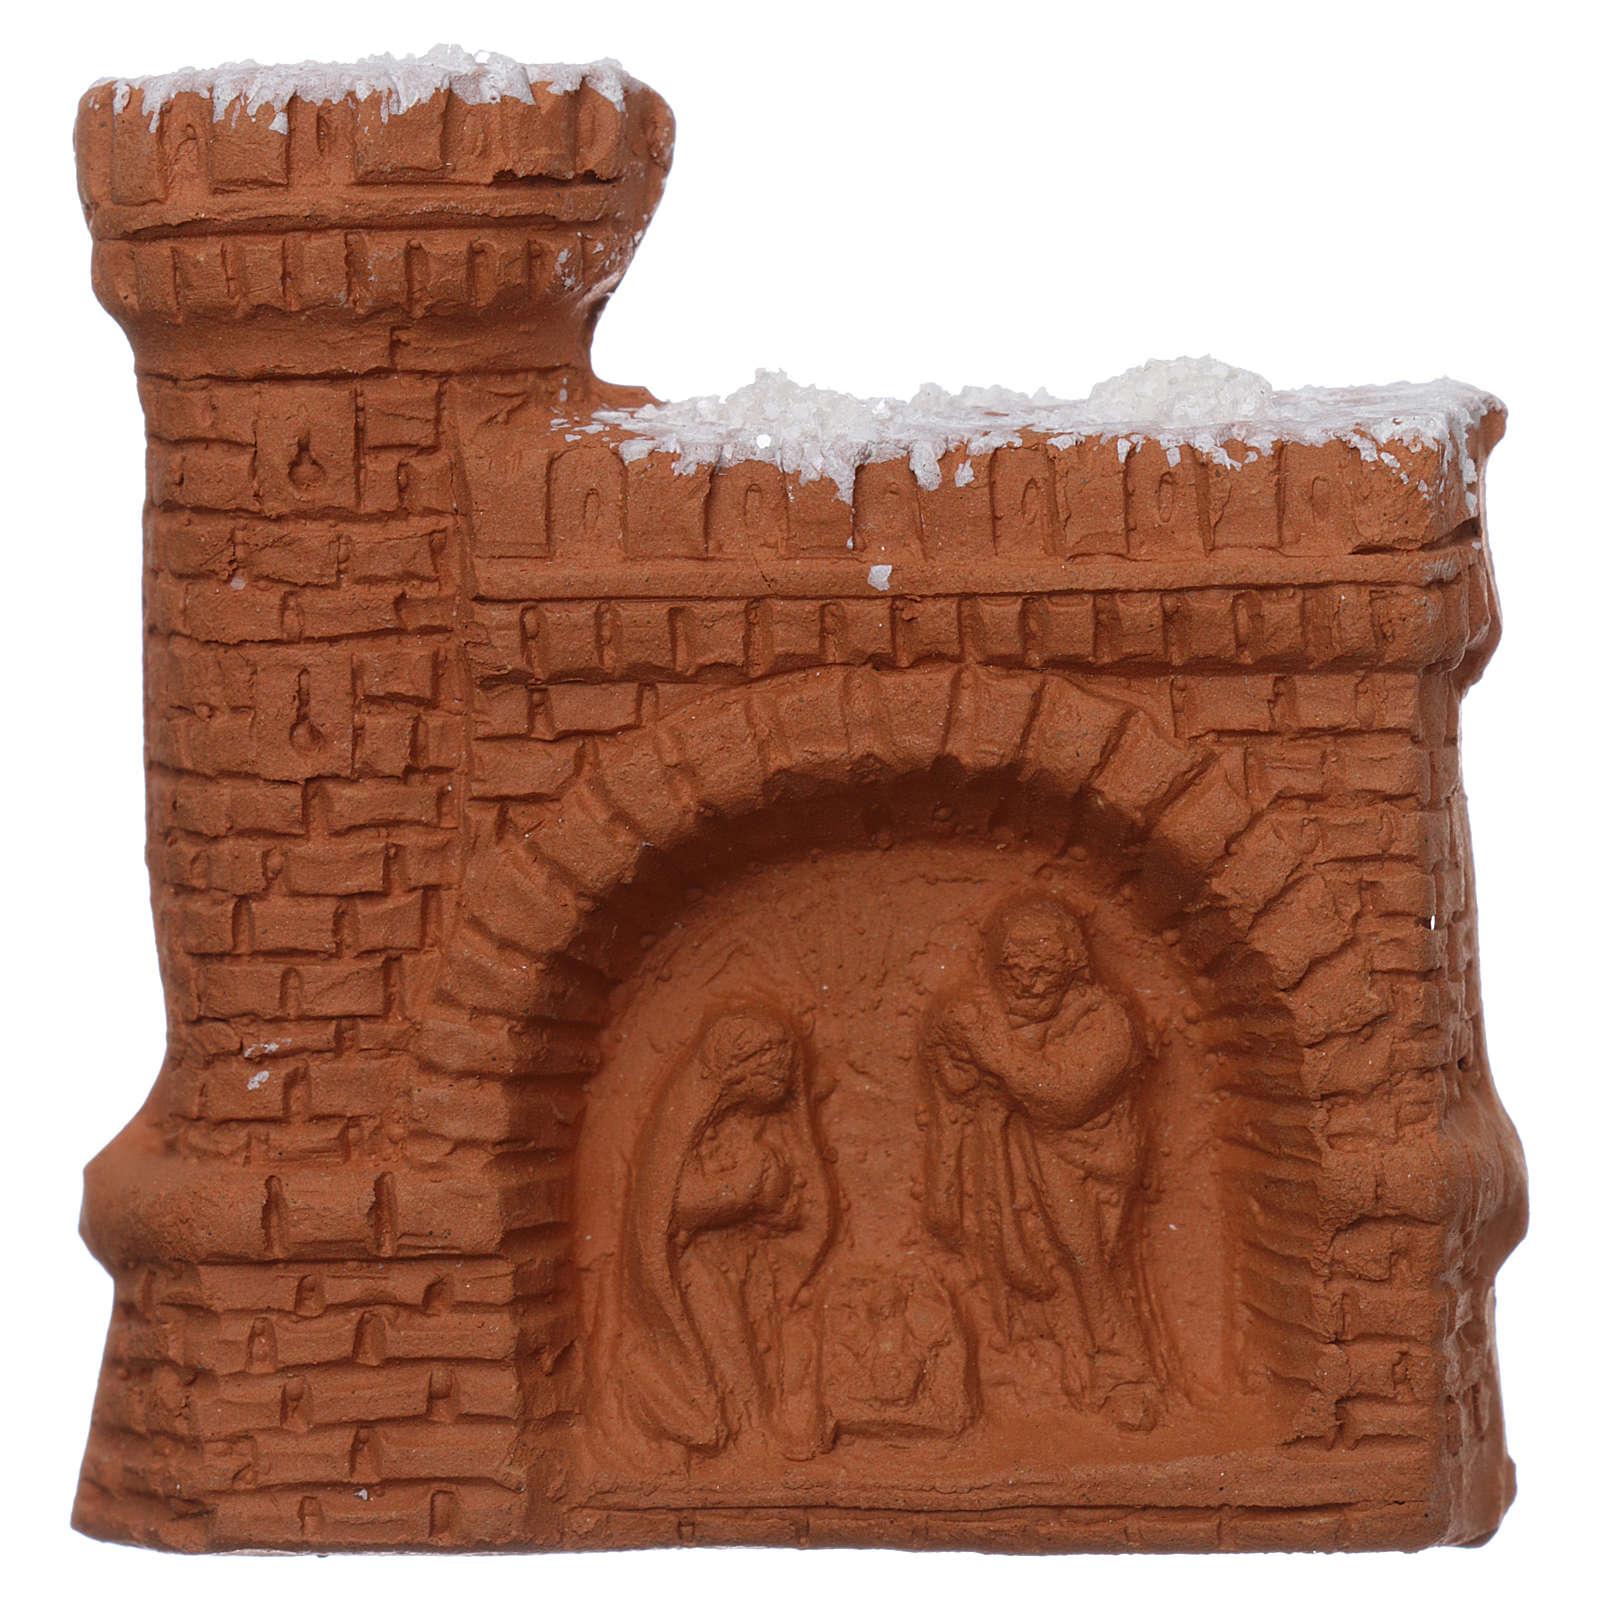 Imán castillo con Natividad terracota Deruta natural 3